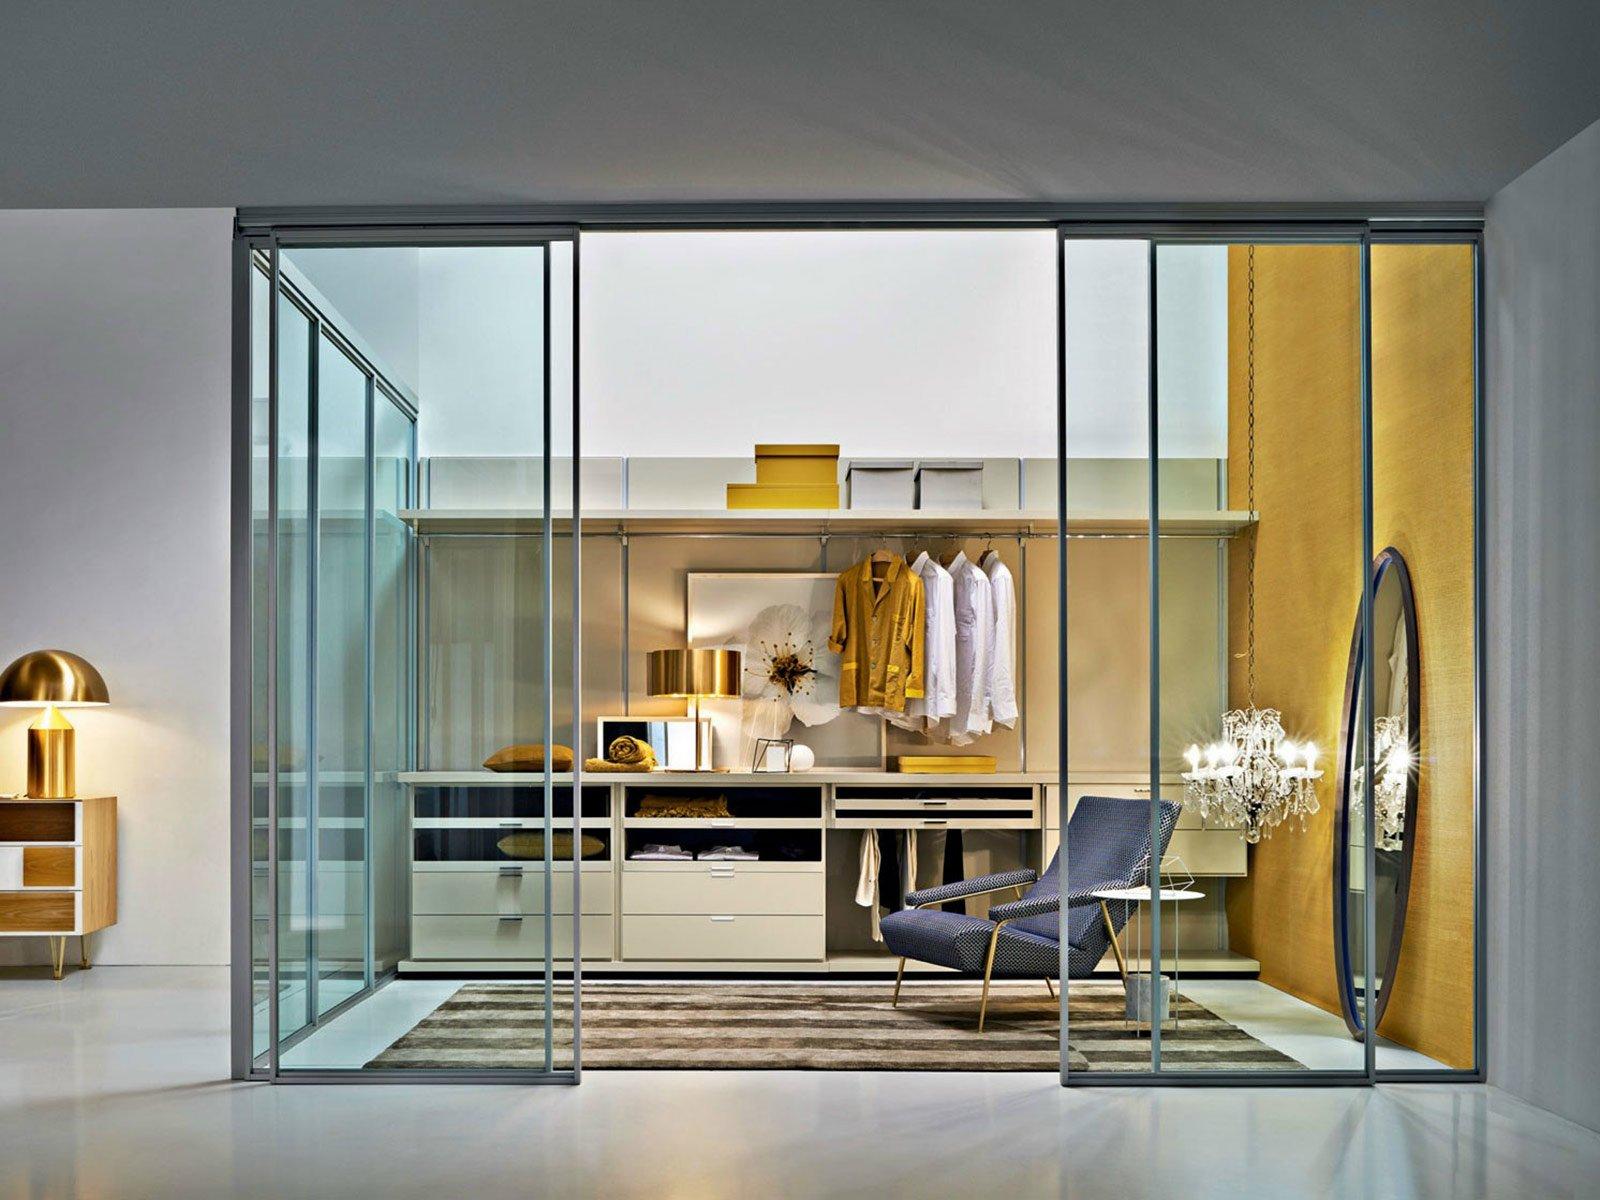 Stanza Cabina Armadio Fai Da Te : Cabine armadio progettiamo insieme lo spazio cose di casa